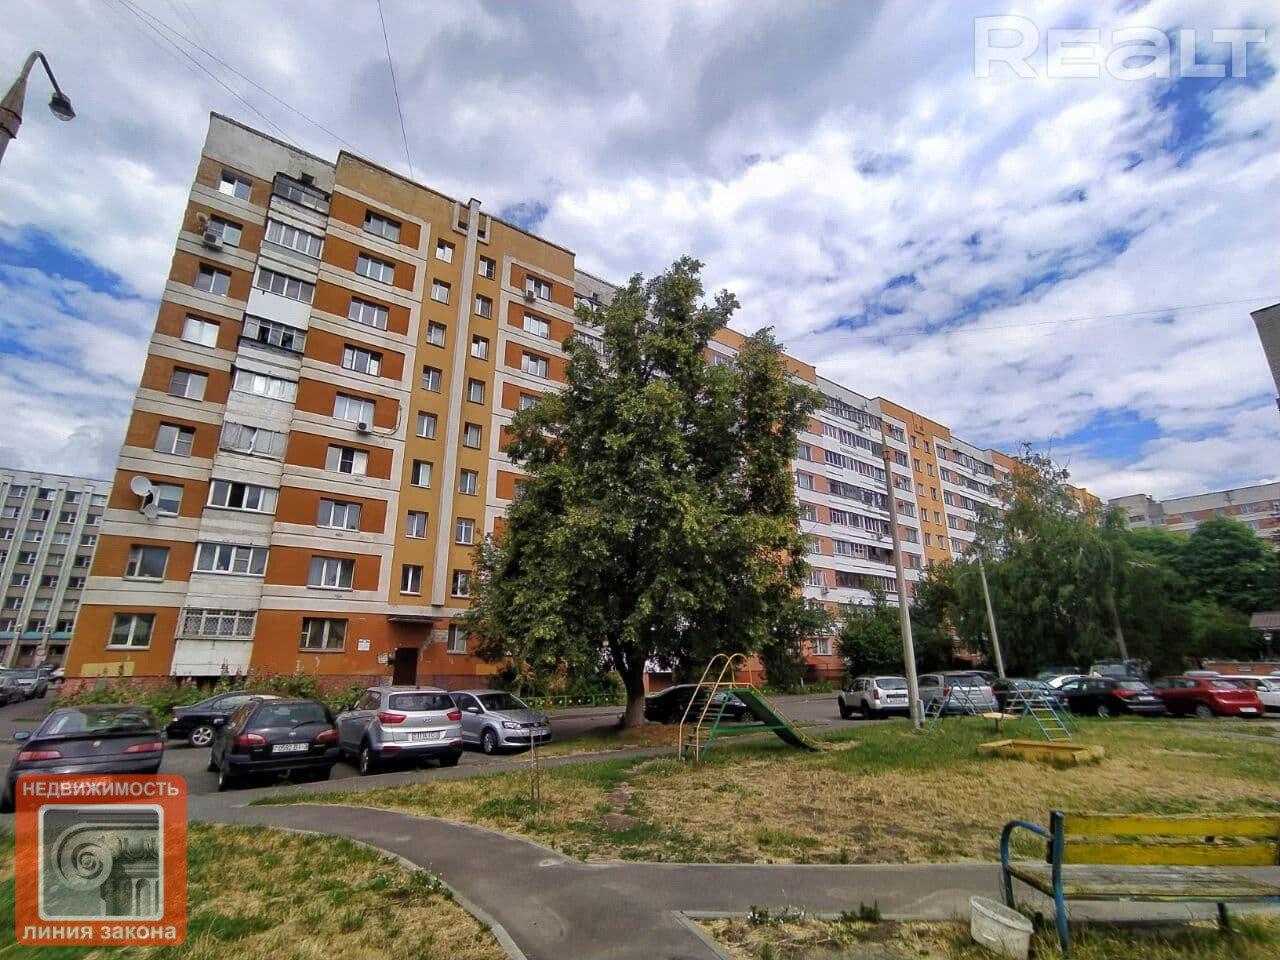 Продажа 1 комнатной квартиры в г. Гомеле, ул. Моисеенко, дом 45 (р-н Центр). Цена 54 754 руб